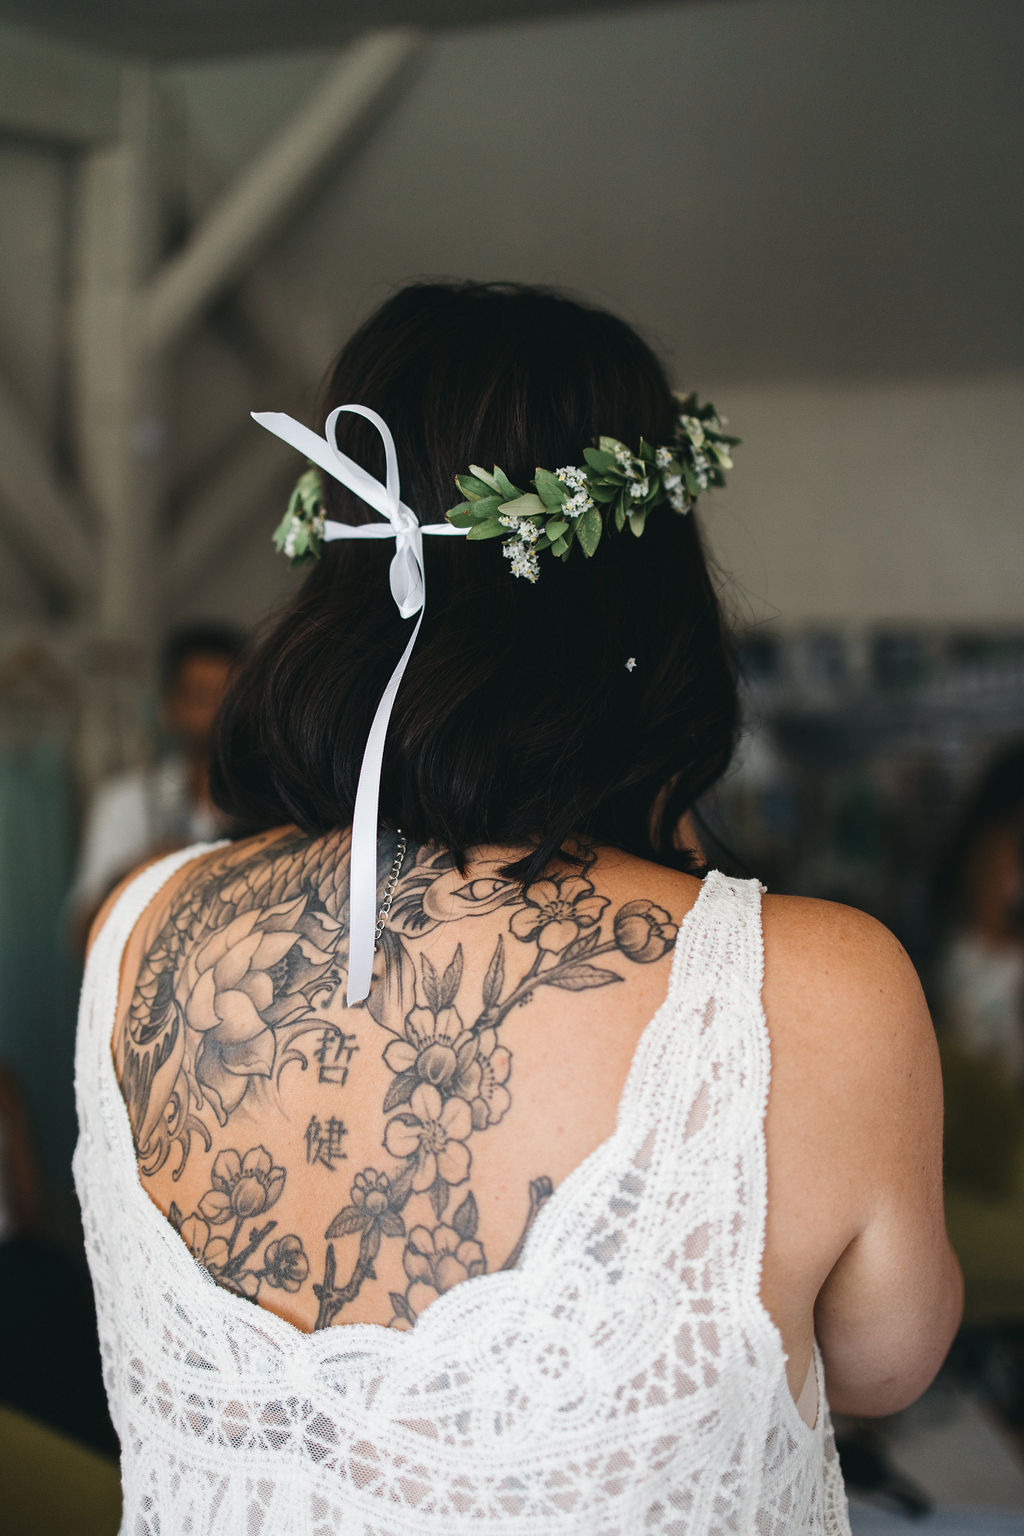 tatouage éphémère pour un mariage orignal et atypique. Organisation de mariage en Provence. Empreinte Ephémère wedding planner Provence, paris et normandie